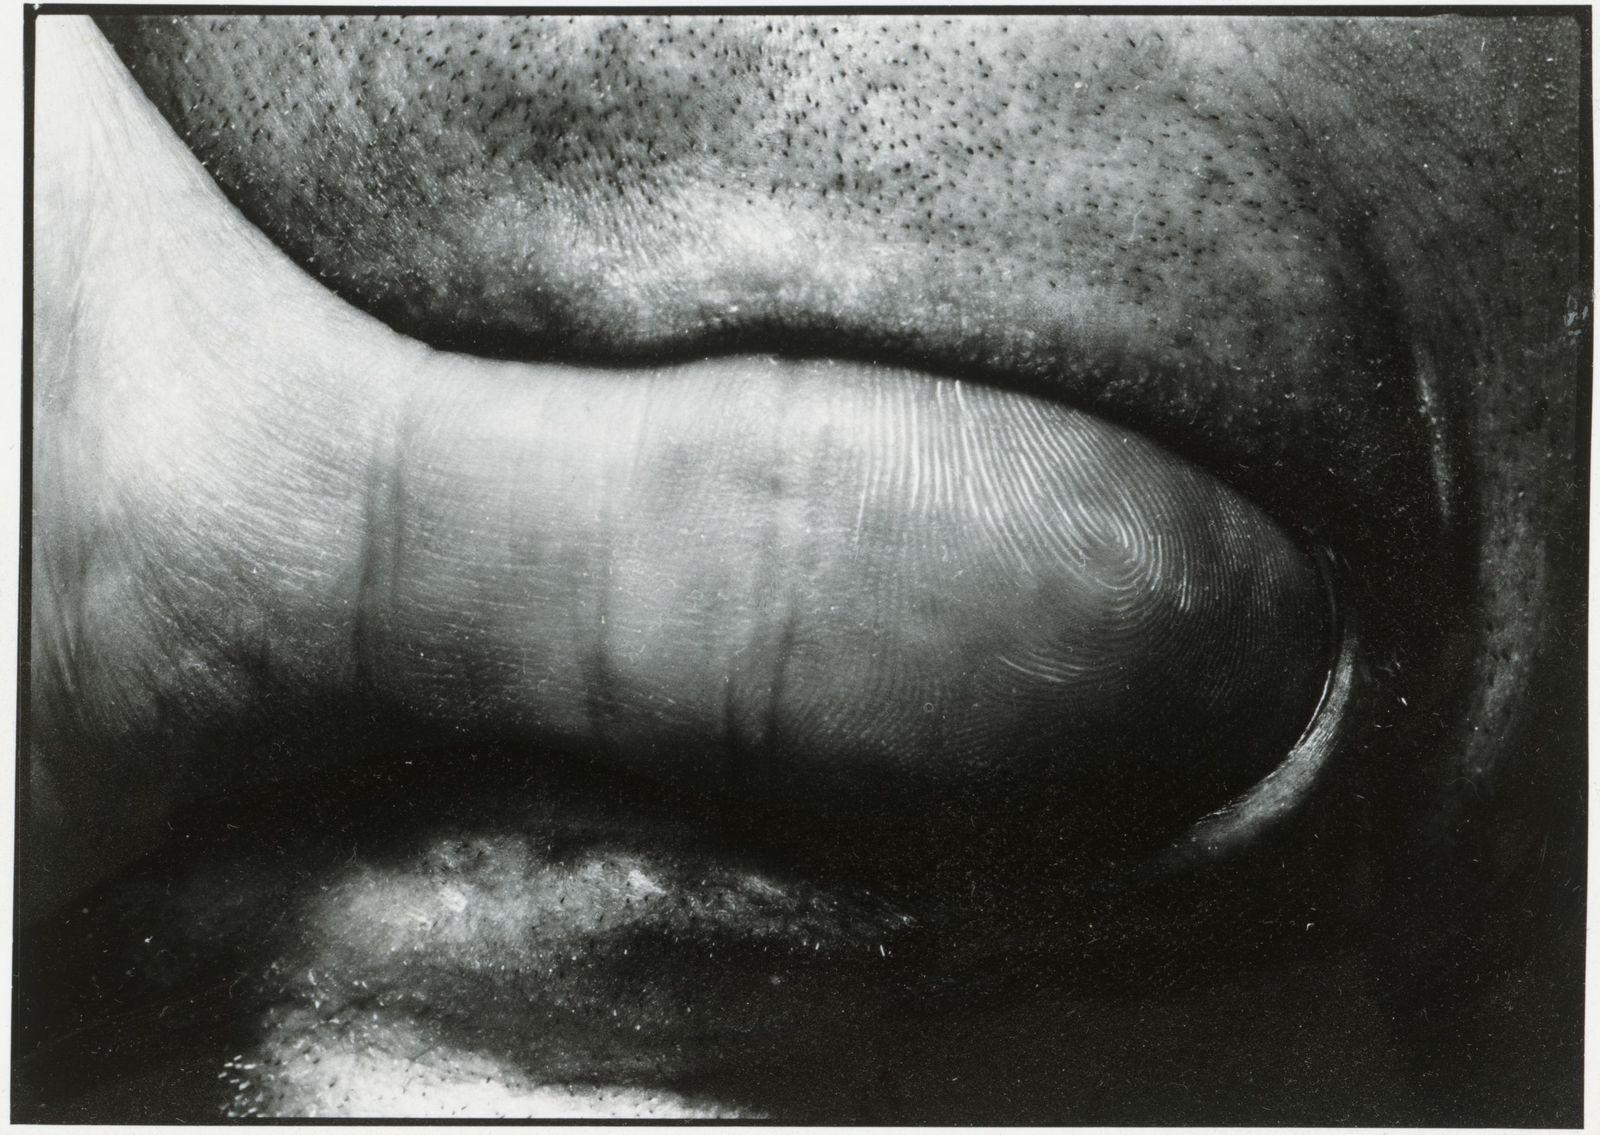 Dieter Appelt (*1935) Canto Nr. 1-2, 1987  Silbergelatinepapier, Schenkung Wolf-Dieter Dube 1990 (c) Staatliche Museen zu Berlin, Kunstbibliothek